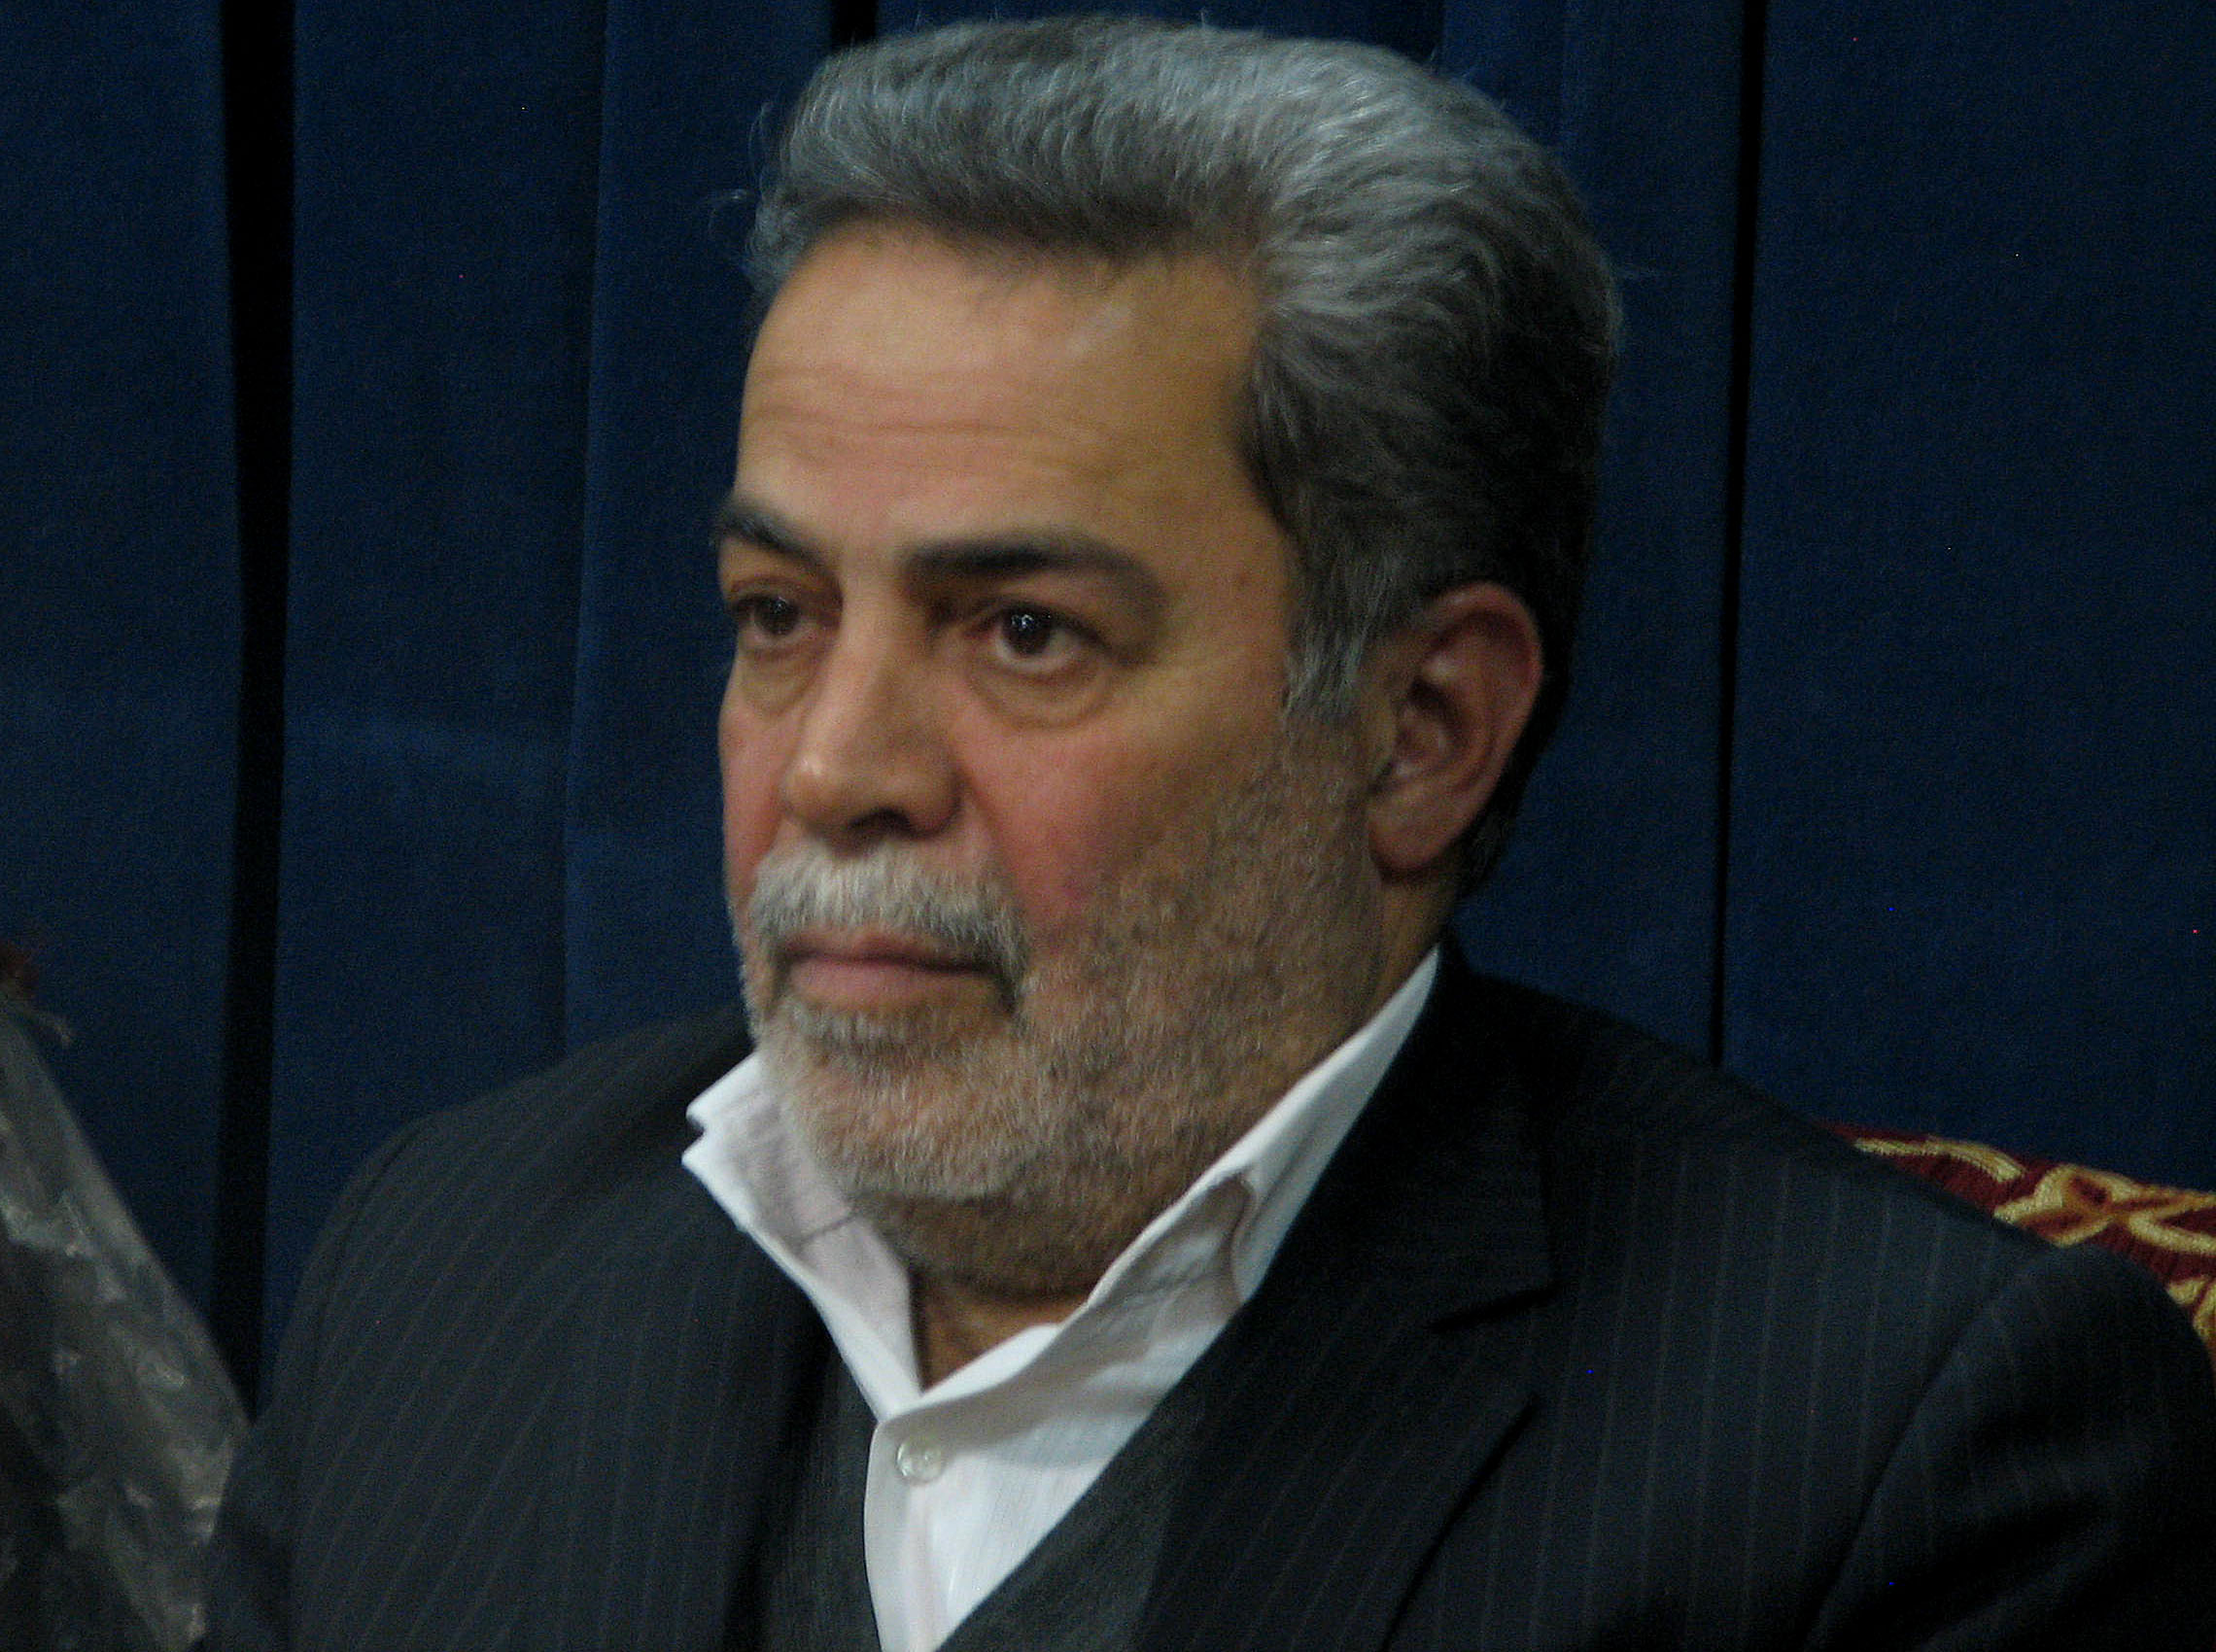 شاید مردم شورای امر به معروف را قبول نداشته باشند/ باید کار را به خود مردم سپرد